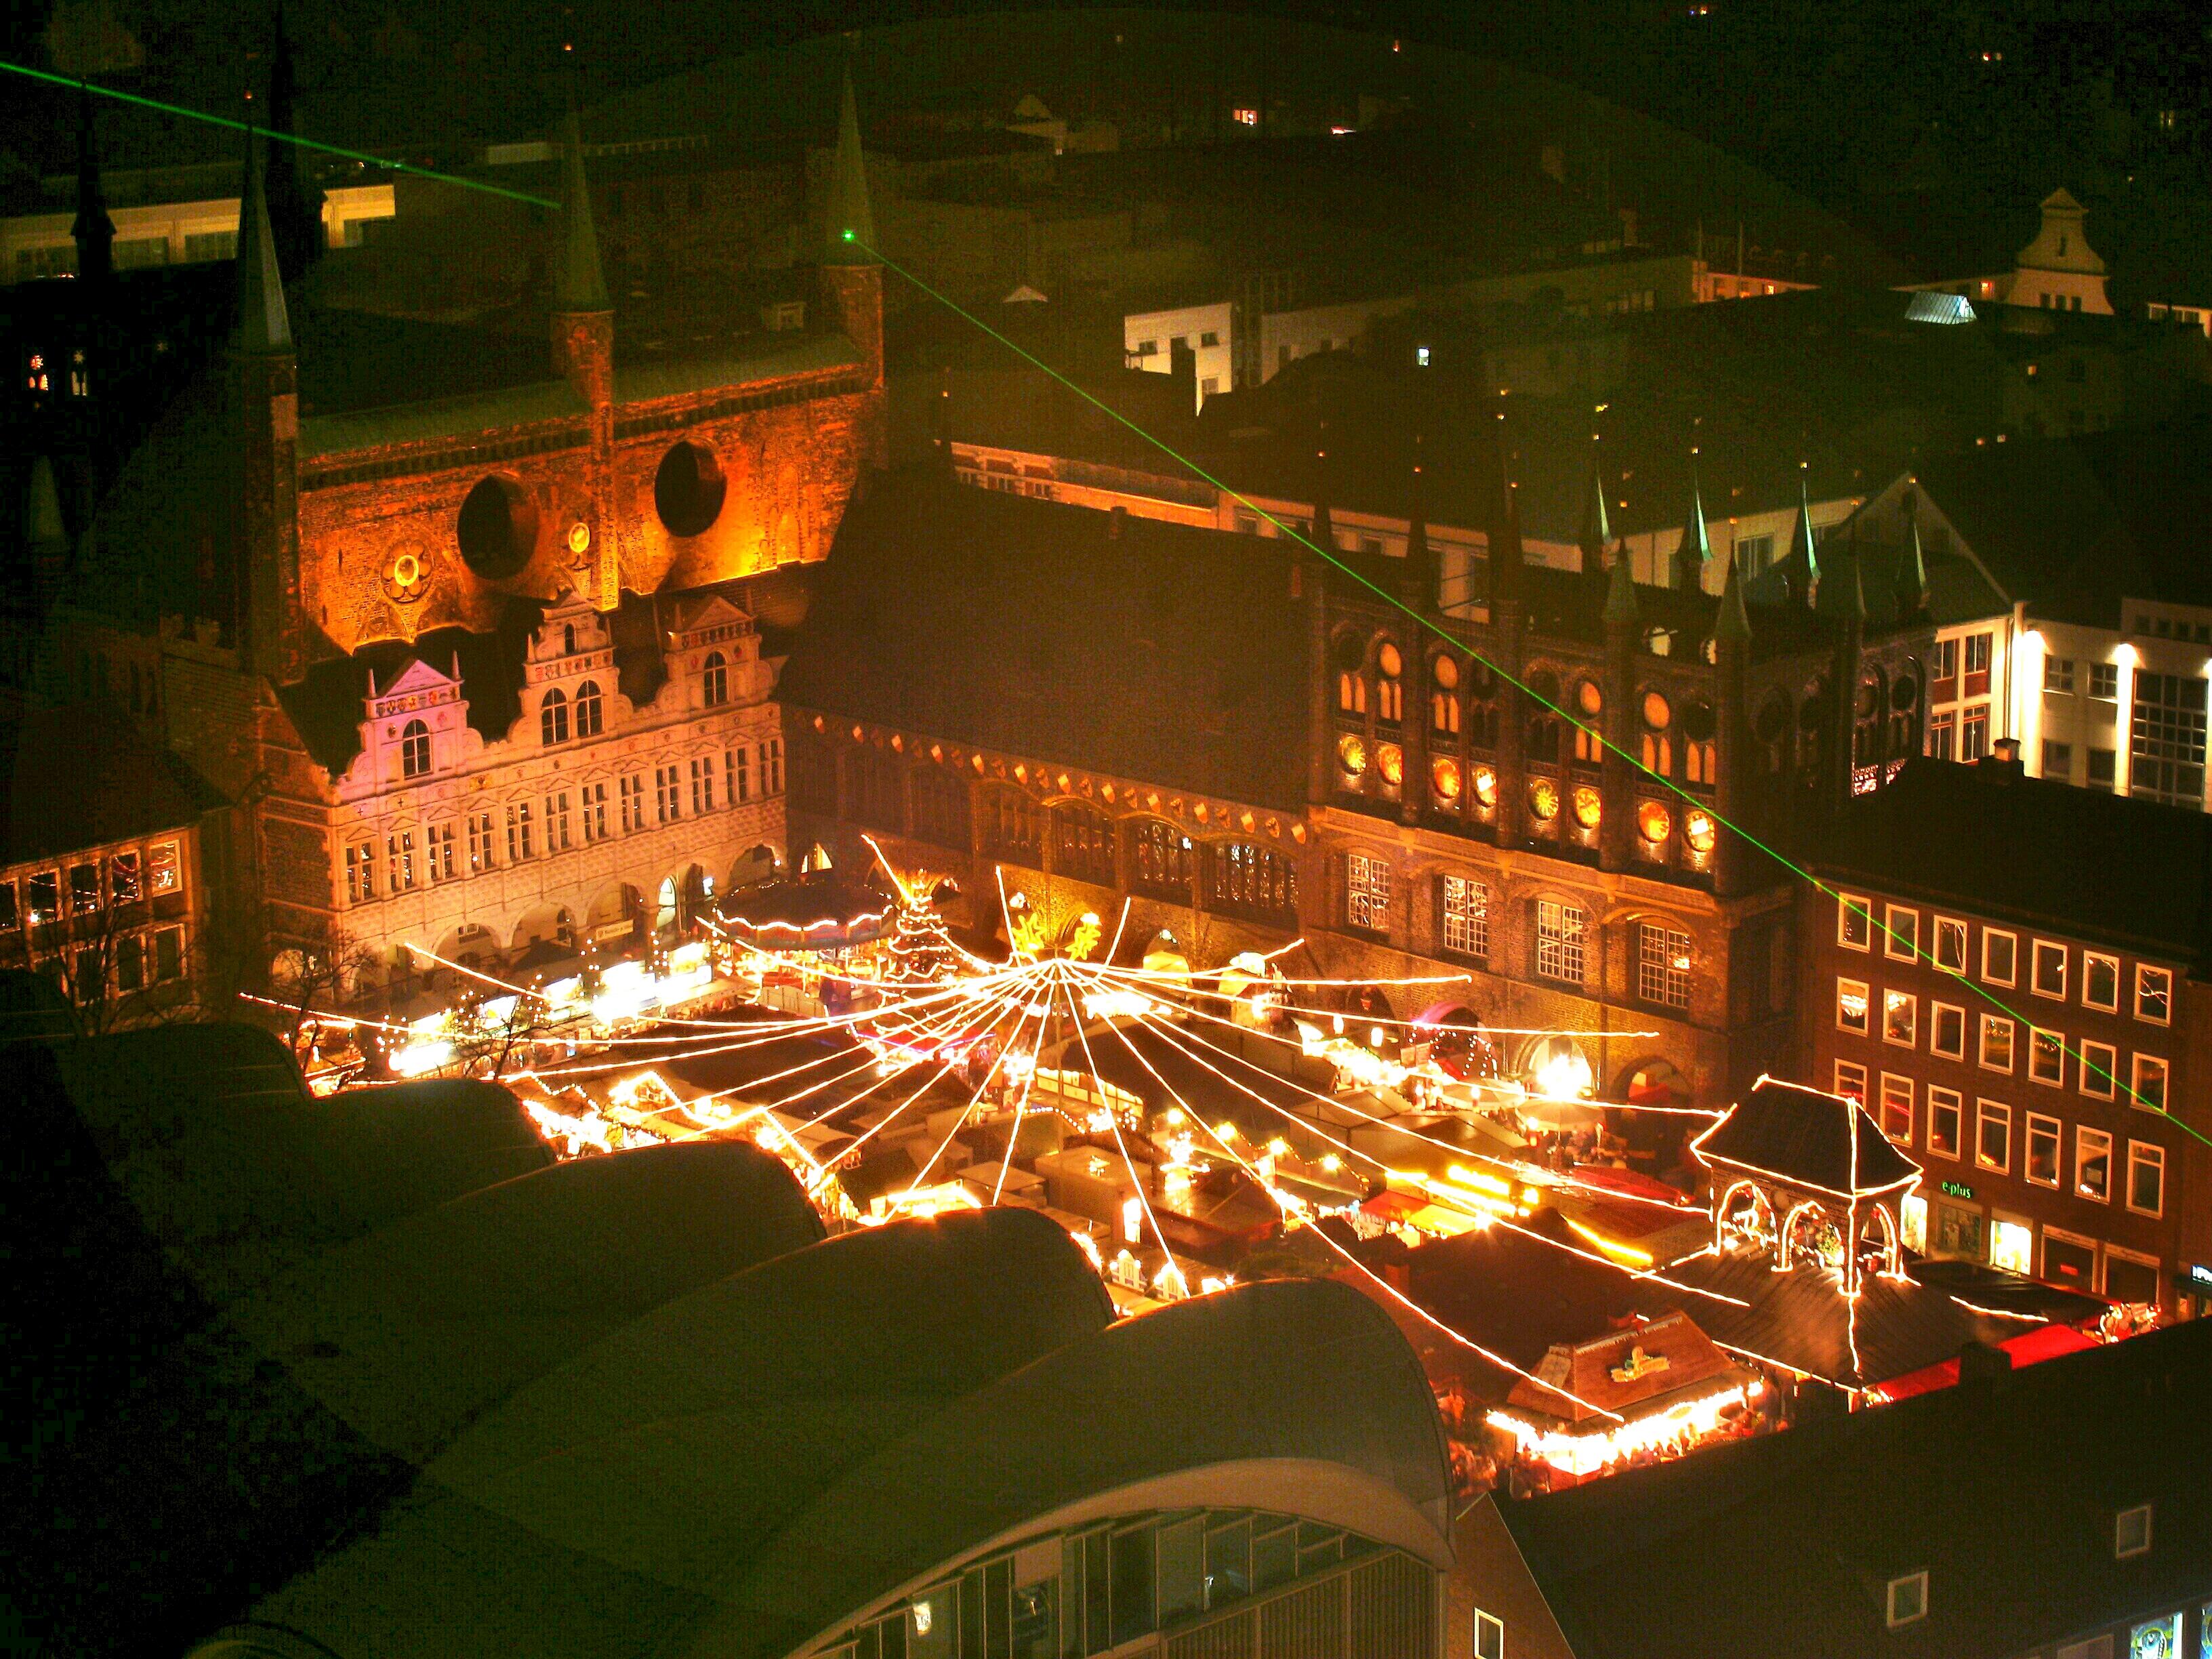 Wo Ist Heute Ein Weihnachtsmarkt.Lübecker Weihnachtsmarkt Wikipedia